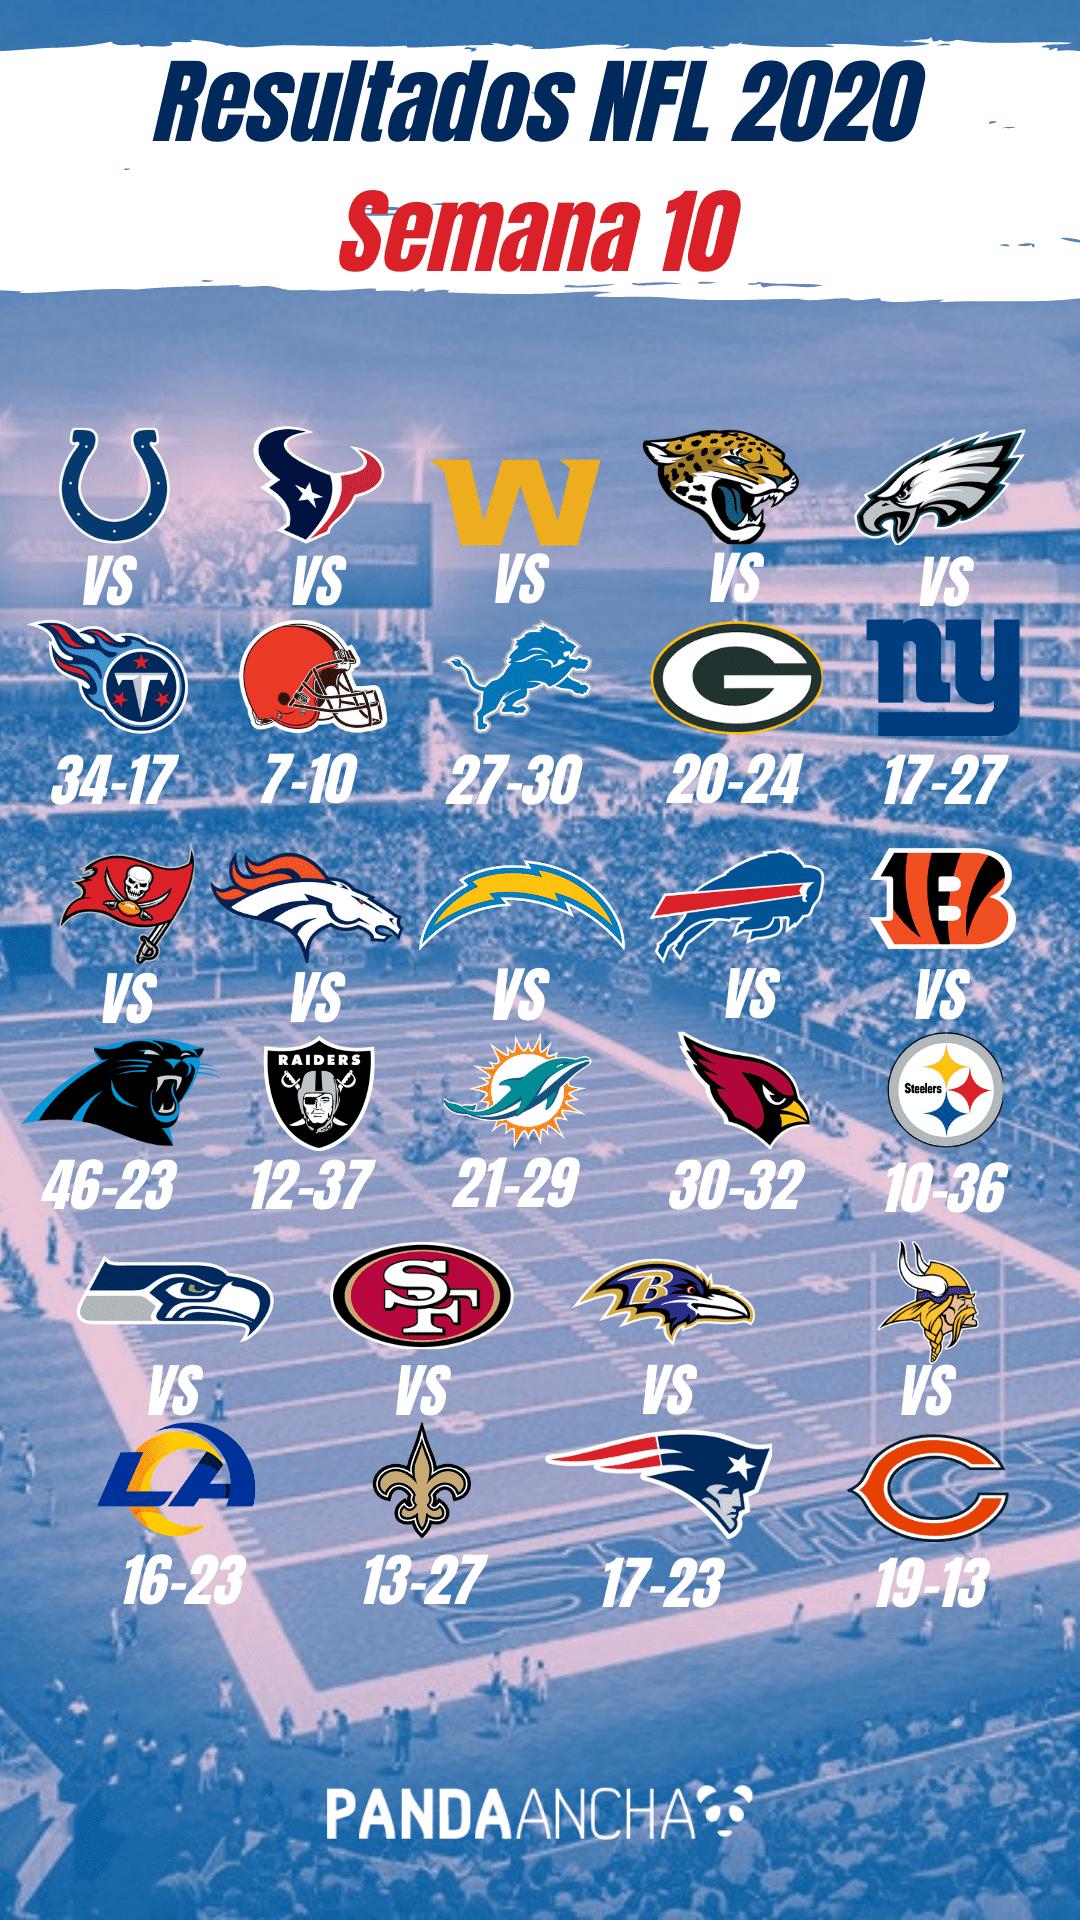 Resultados de la Semana 10 de la Temporada NFL 2020